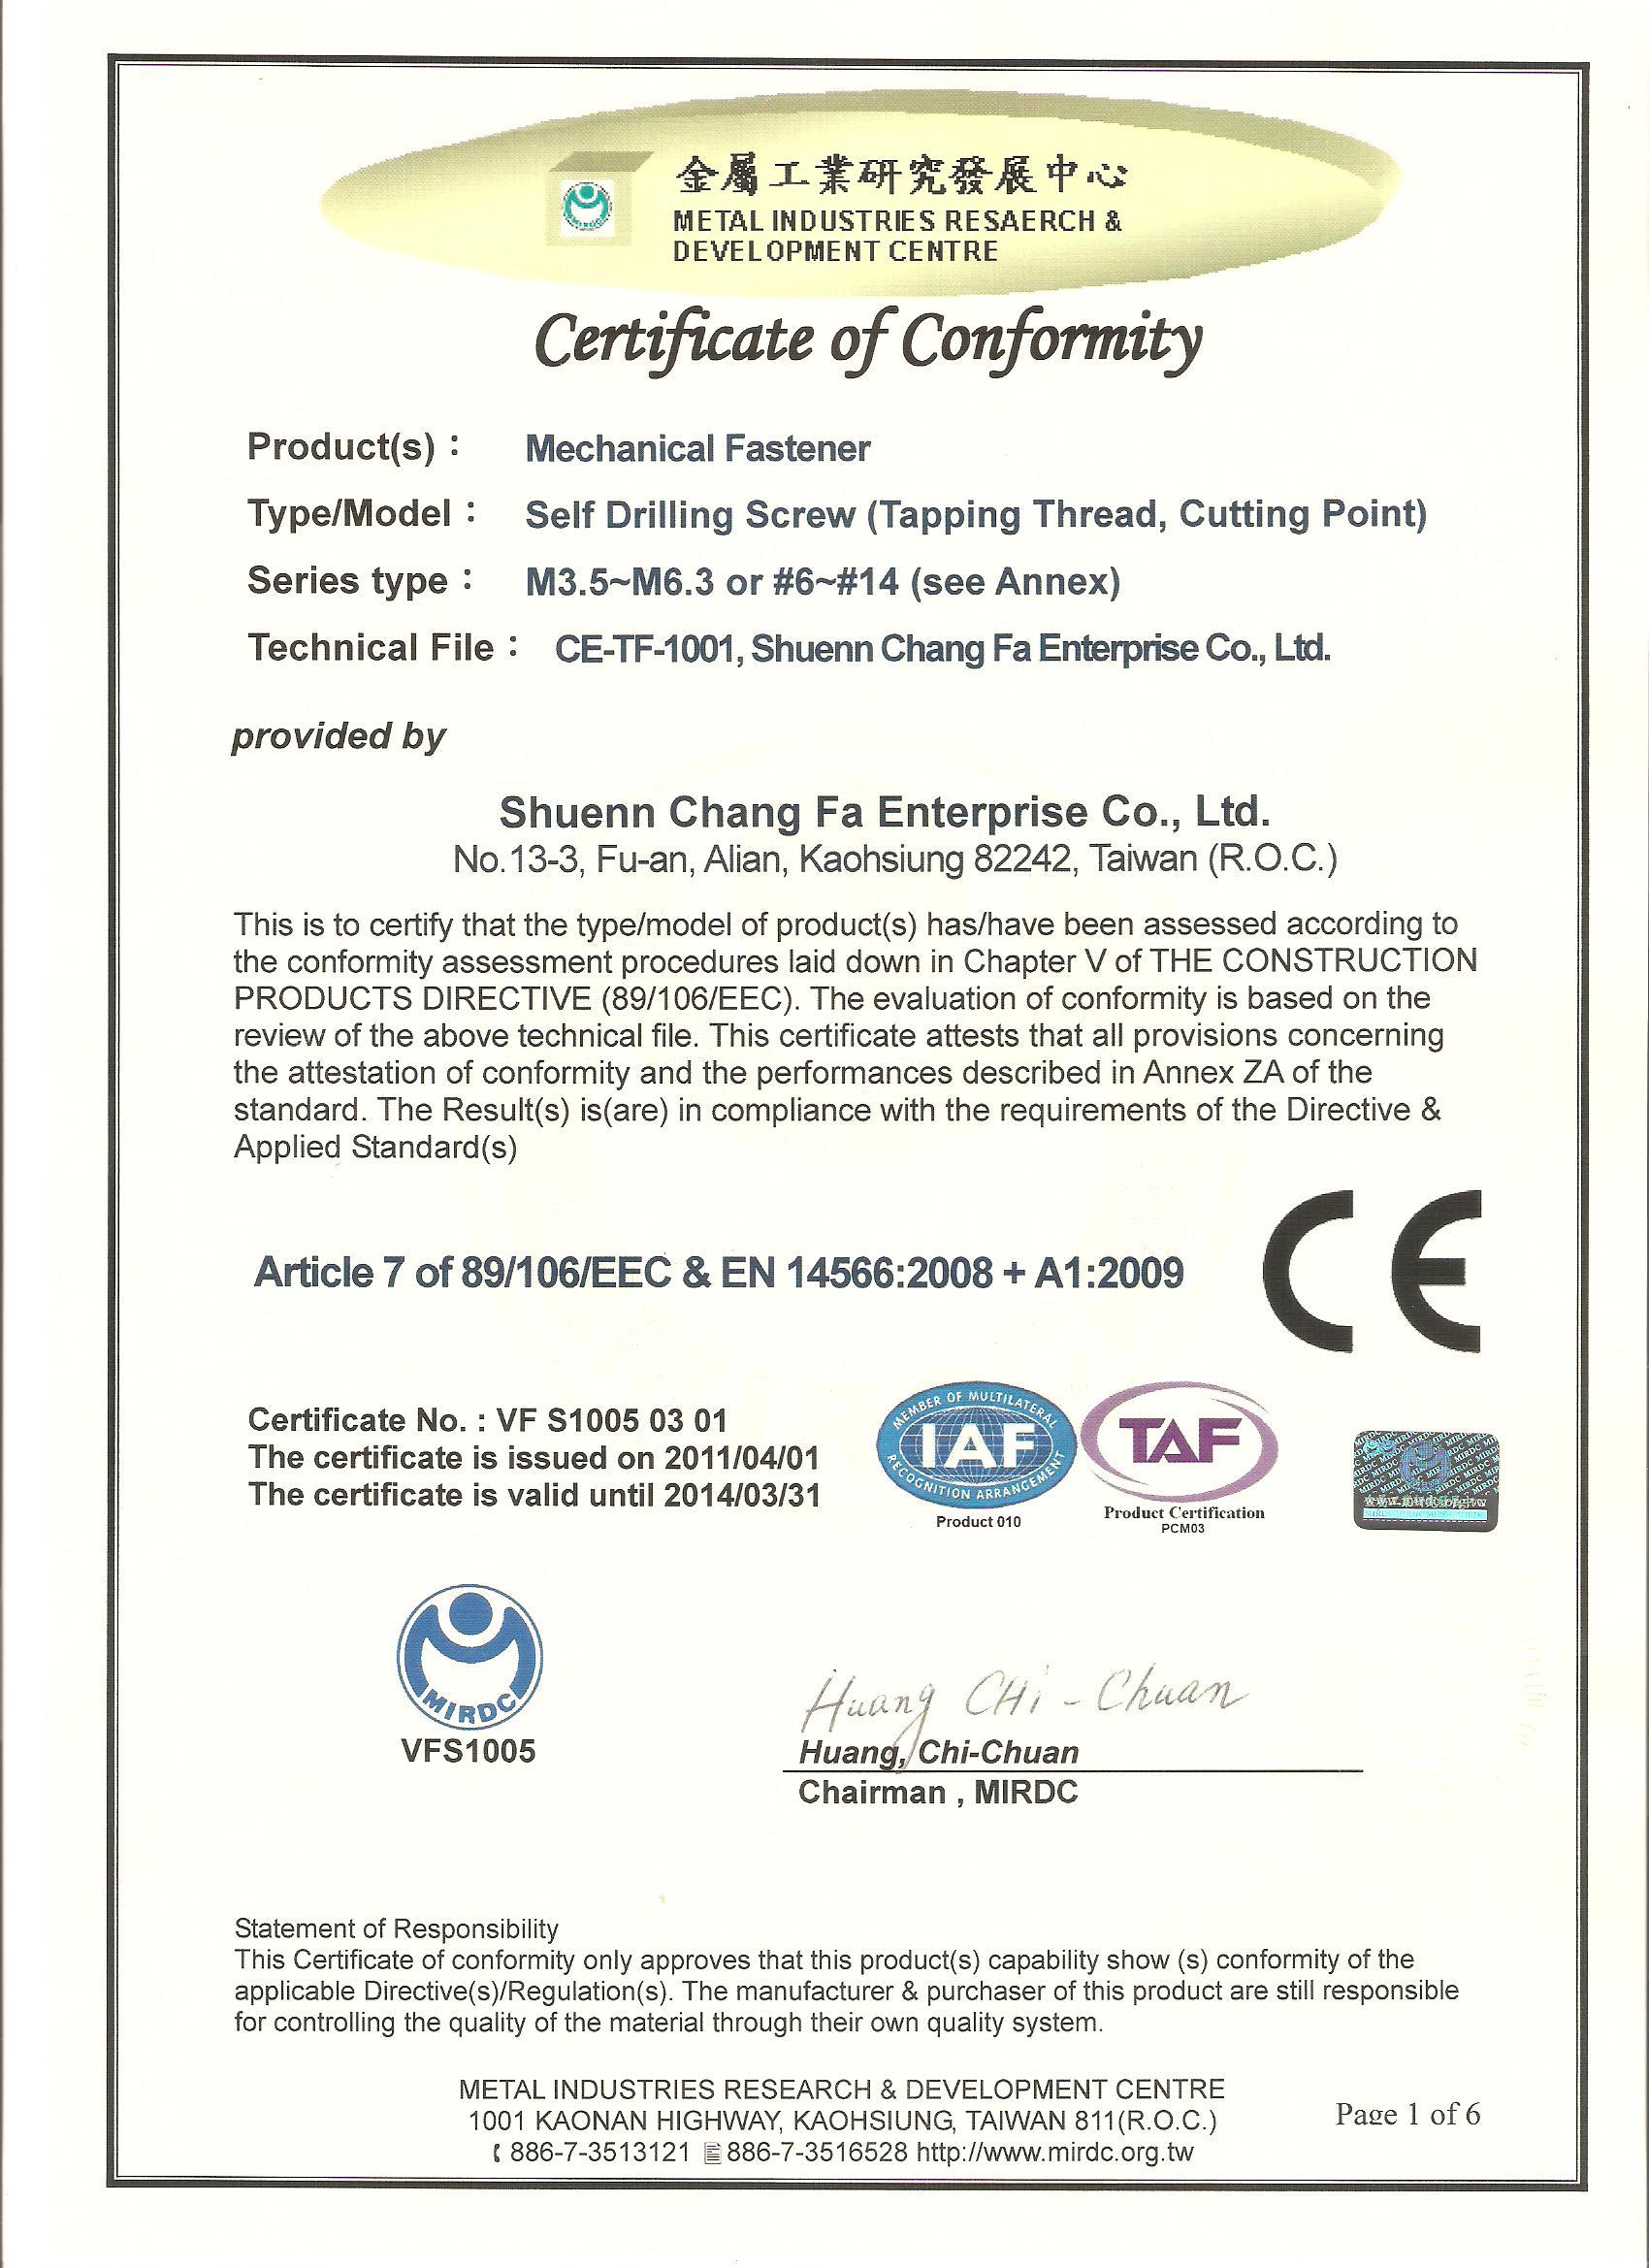 CE-TF-1001